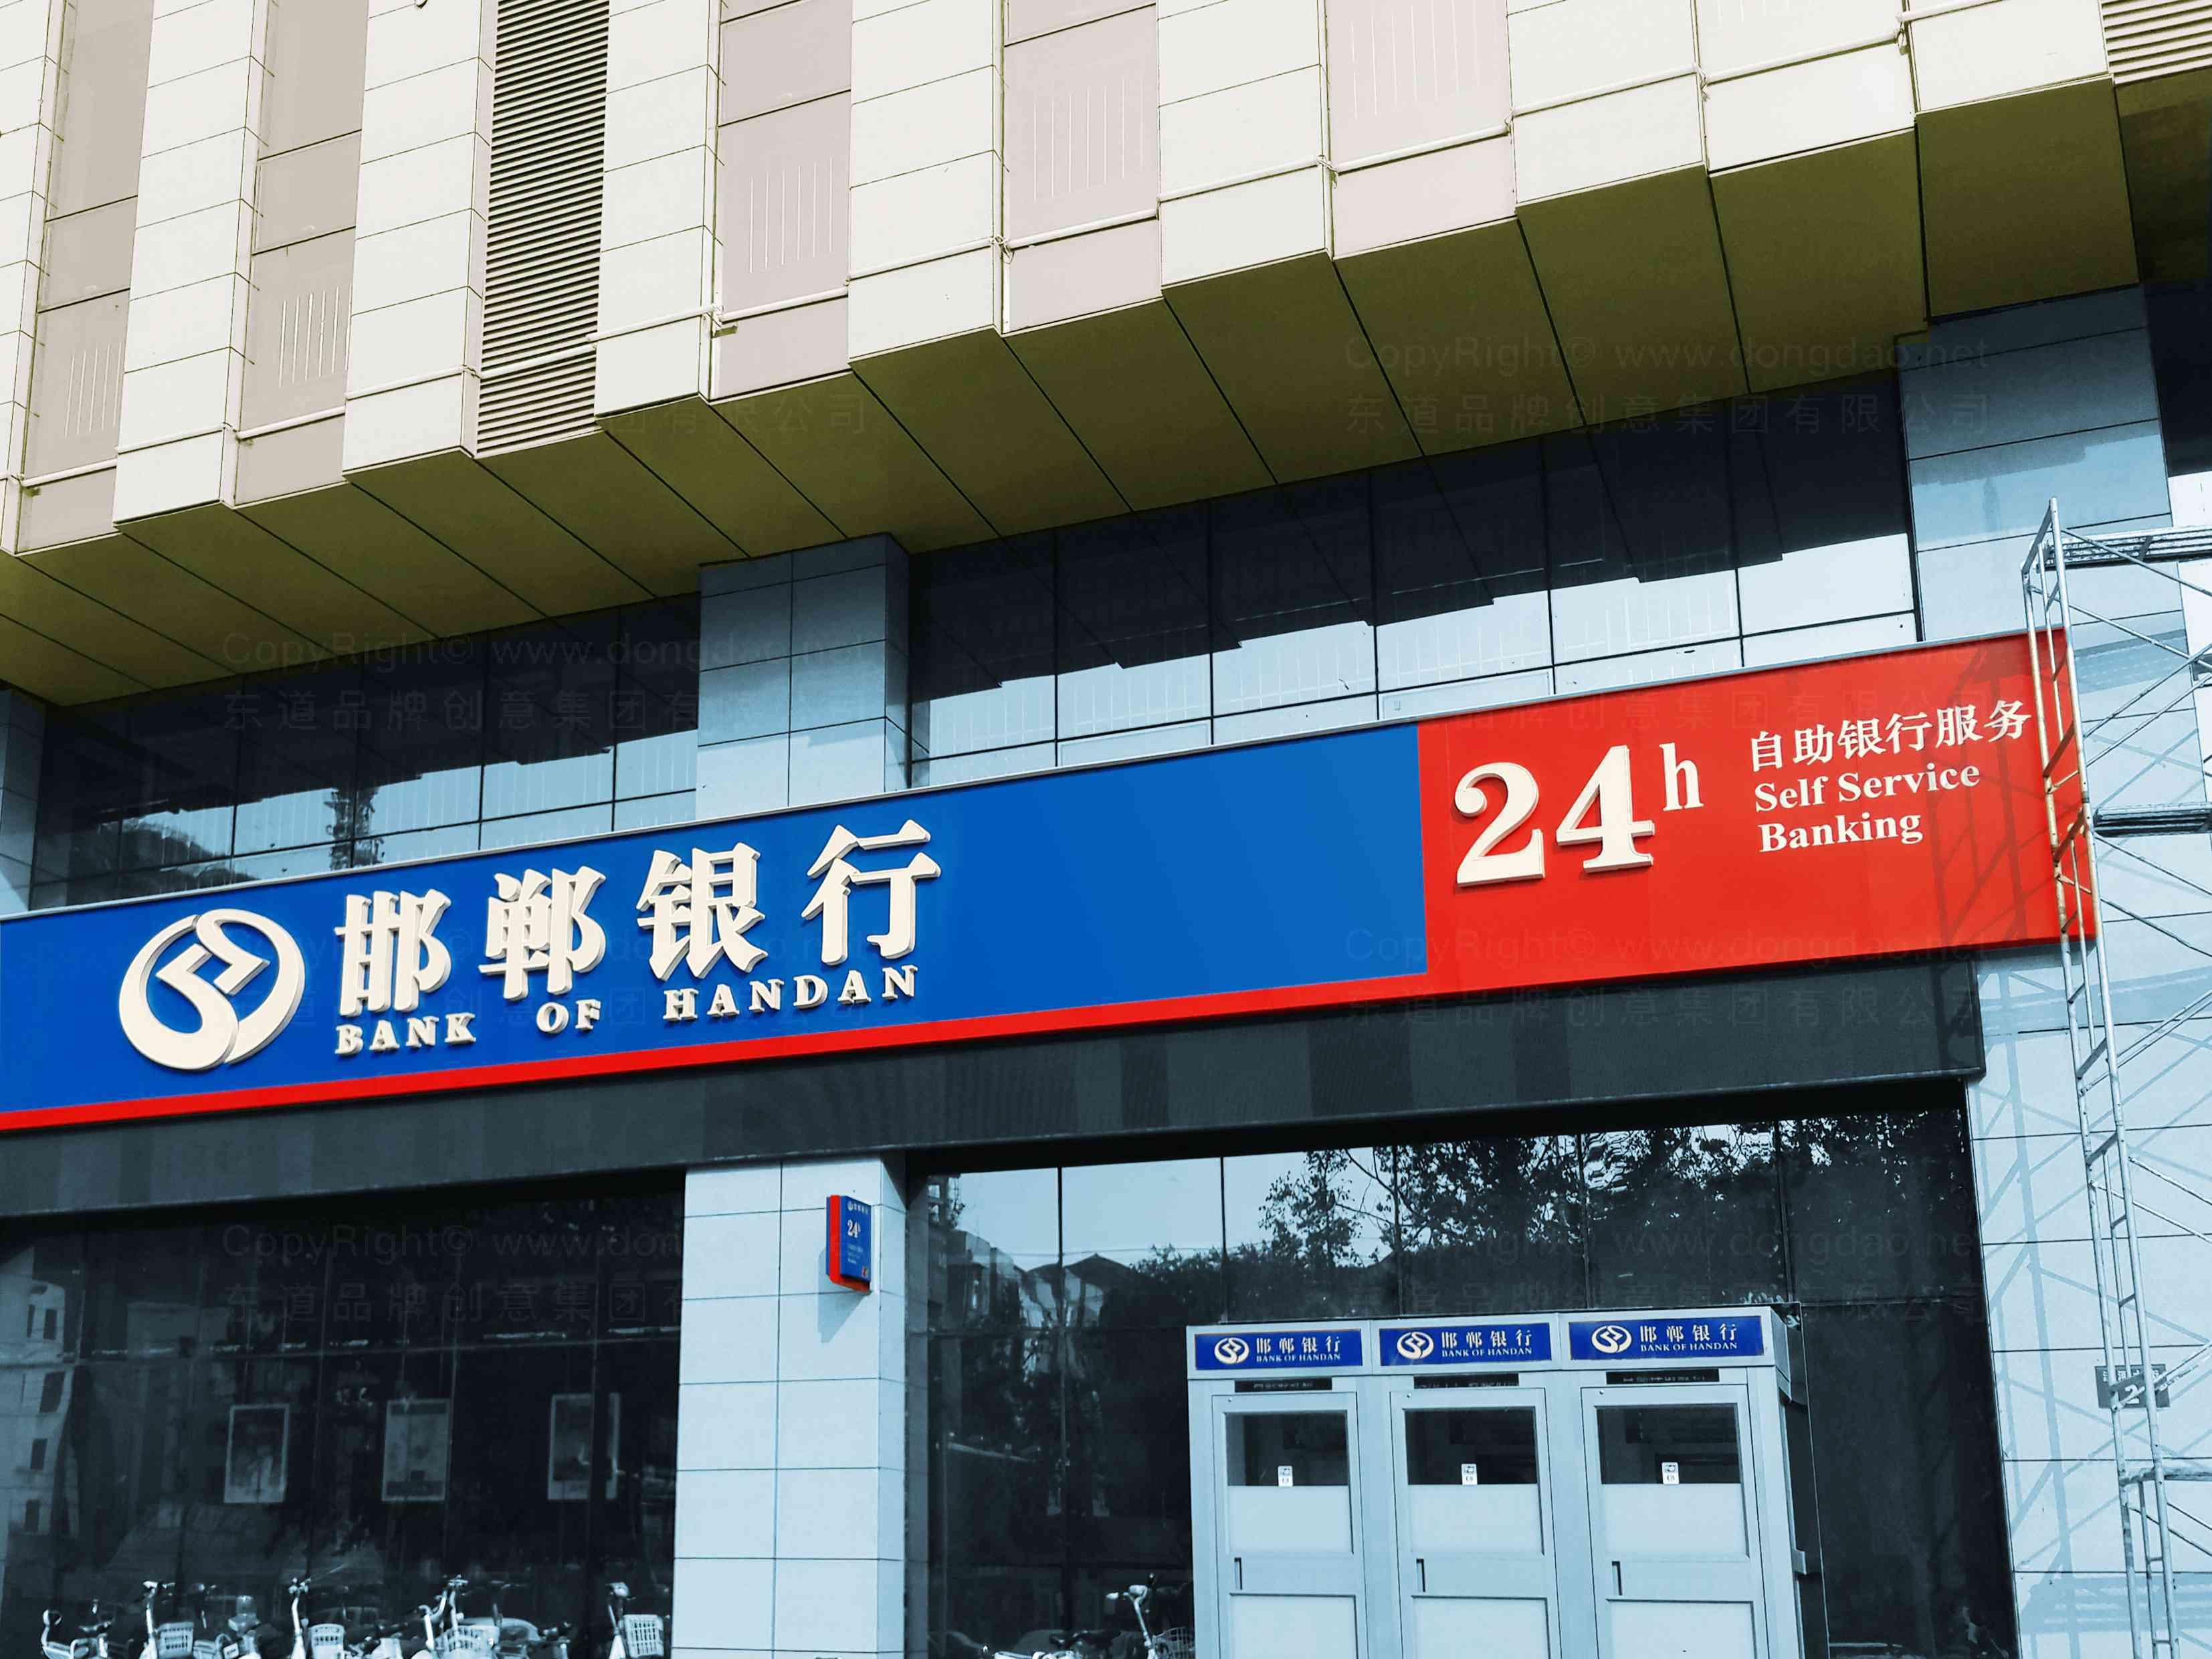 银行标识工程设计